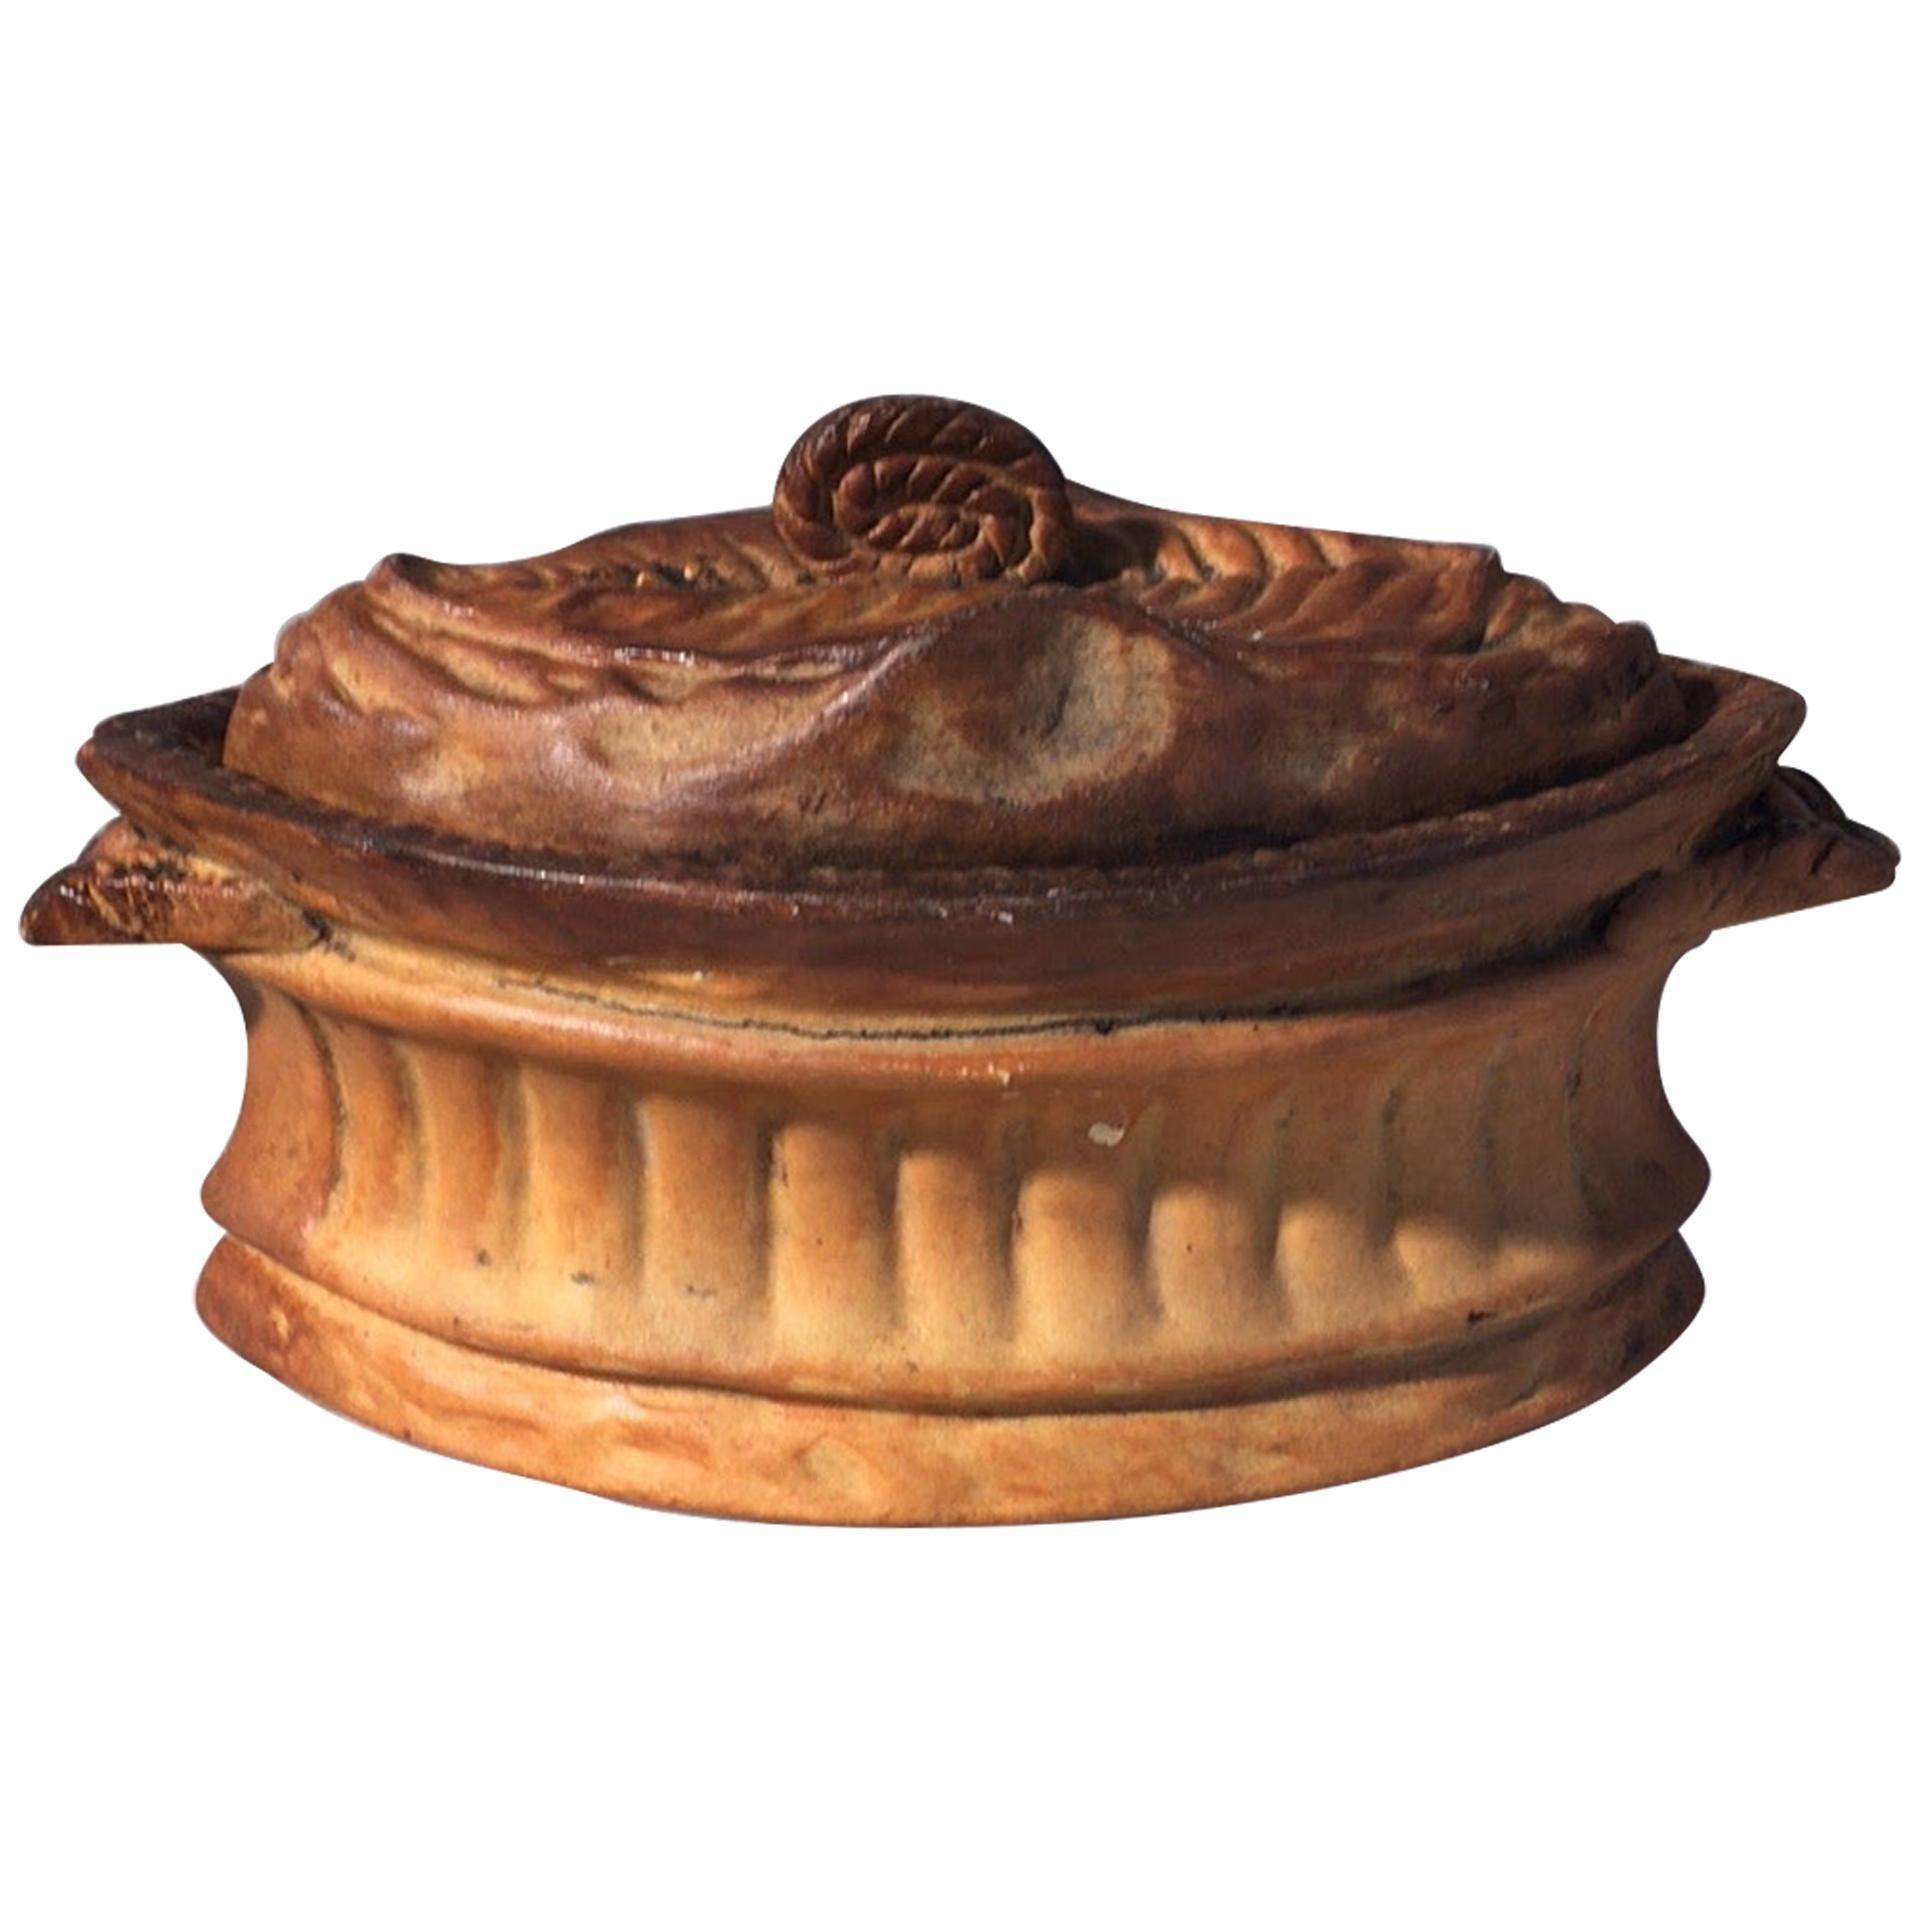 French Trompe L'oeil Porcelain Pâté Tureen Pillivuyt Mehun